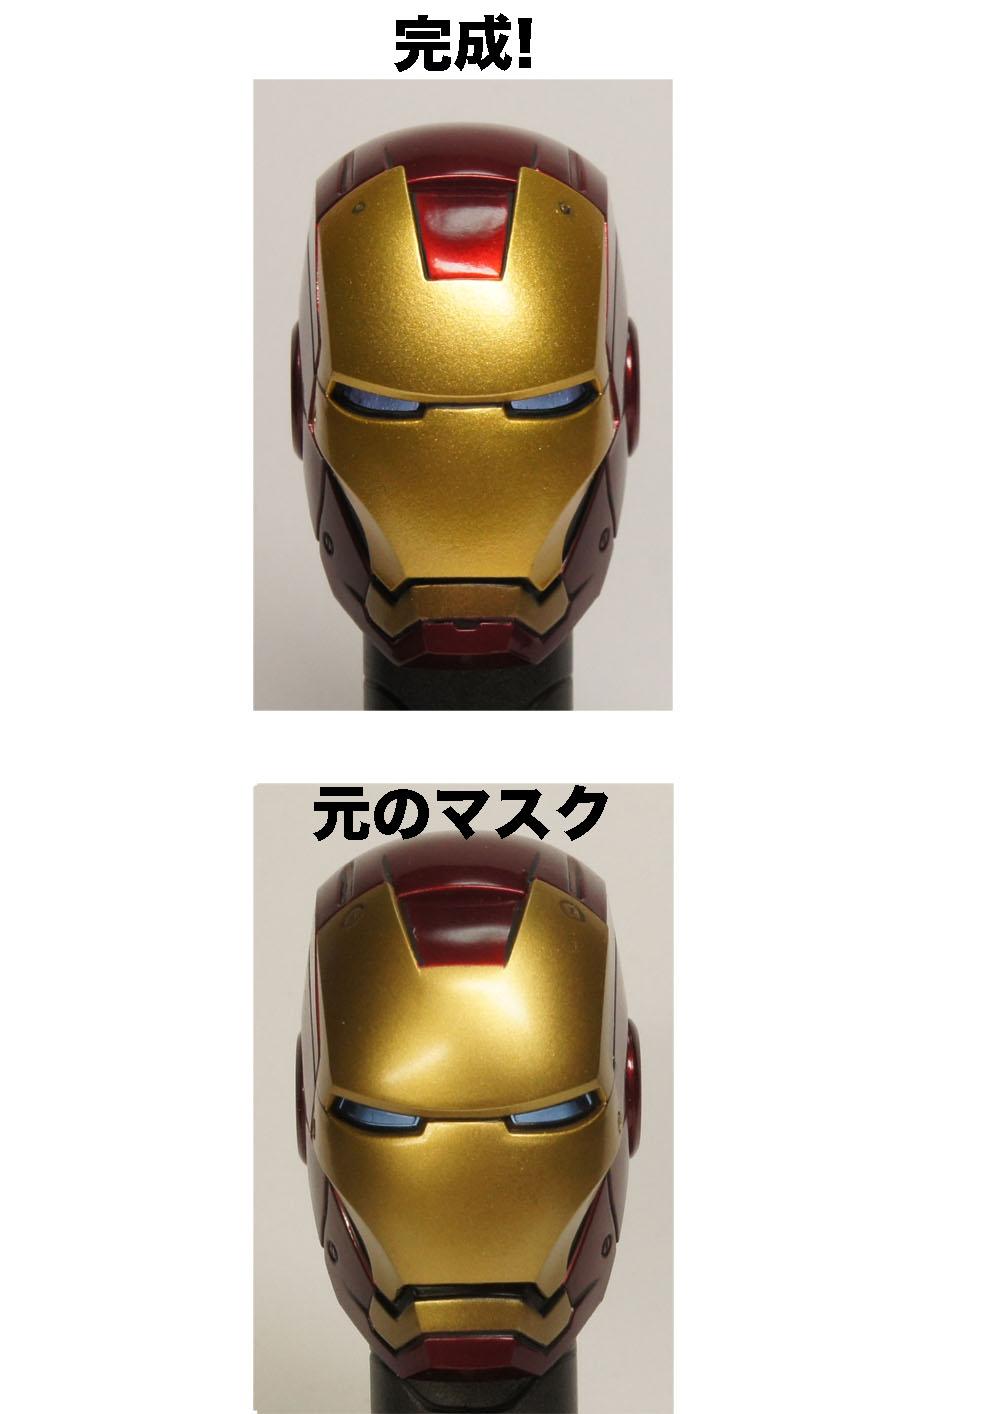 ホットトイズ アイアンマン マーク7改造!_e0206358_1593854.jpg